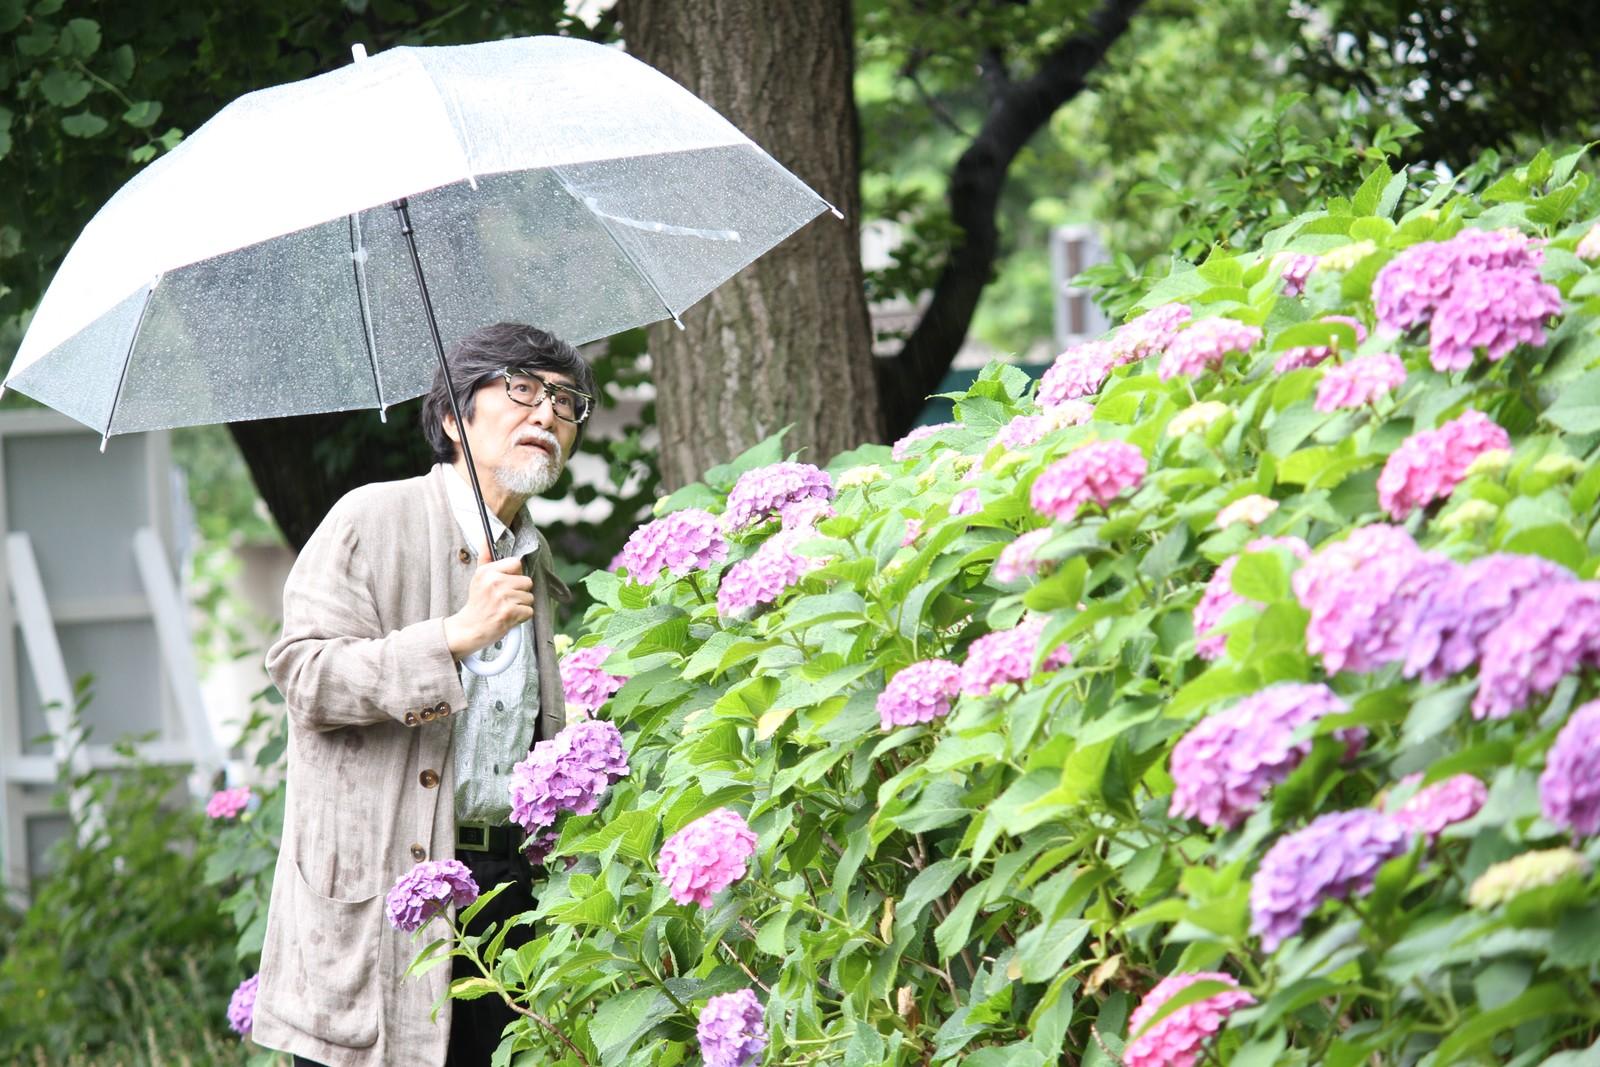 紫陽花とおじいちゃん,シニア,写真,画像,素材,老人,高齢者,フリー